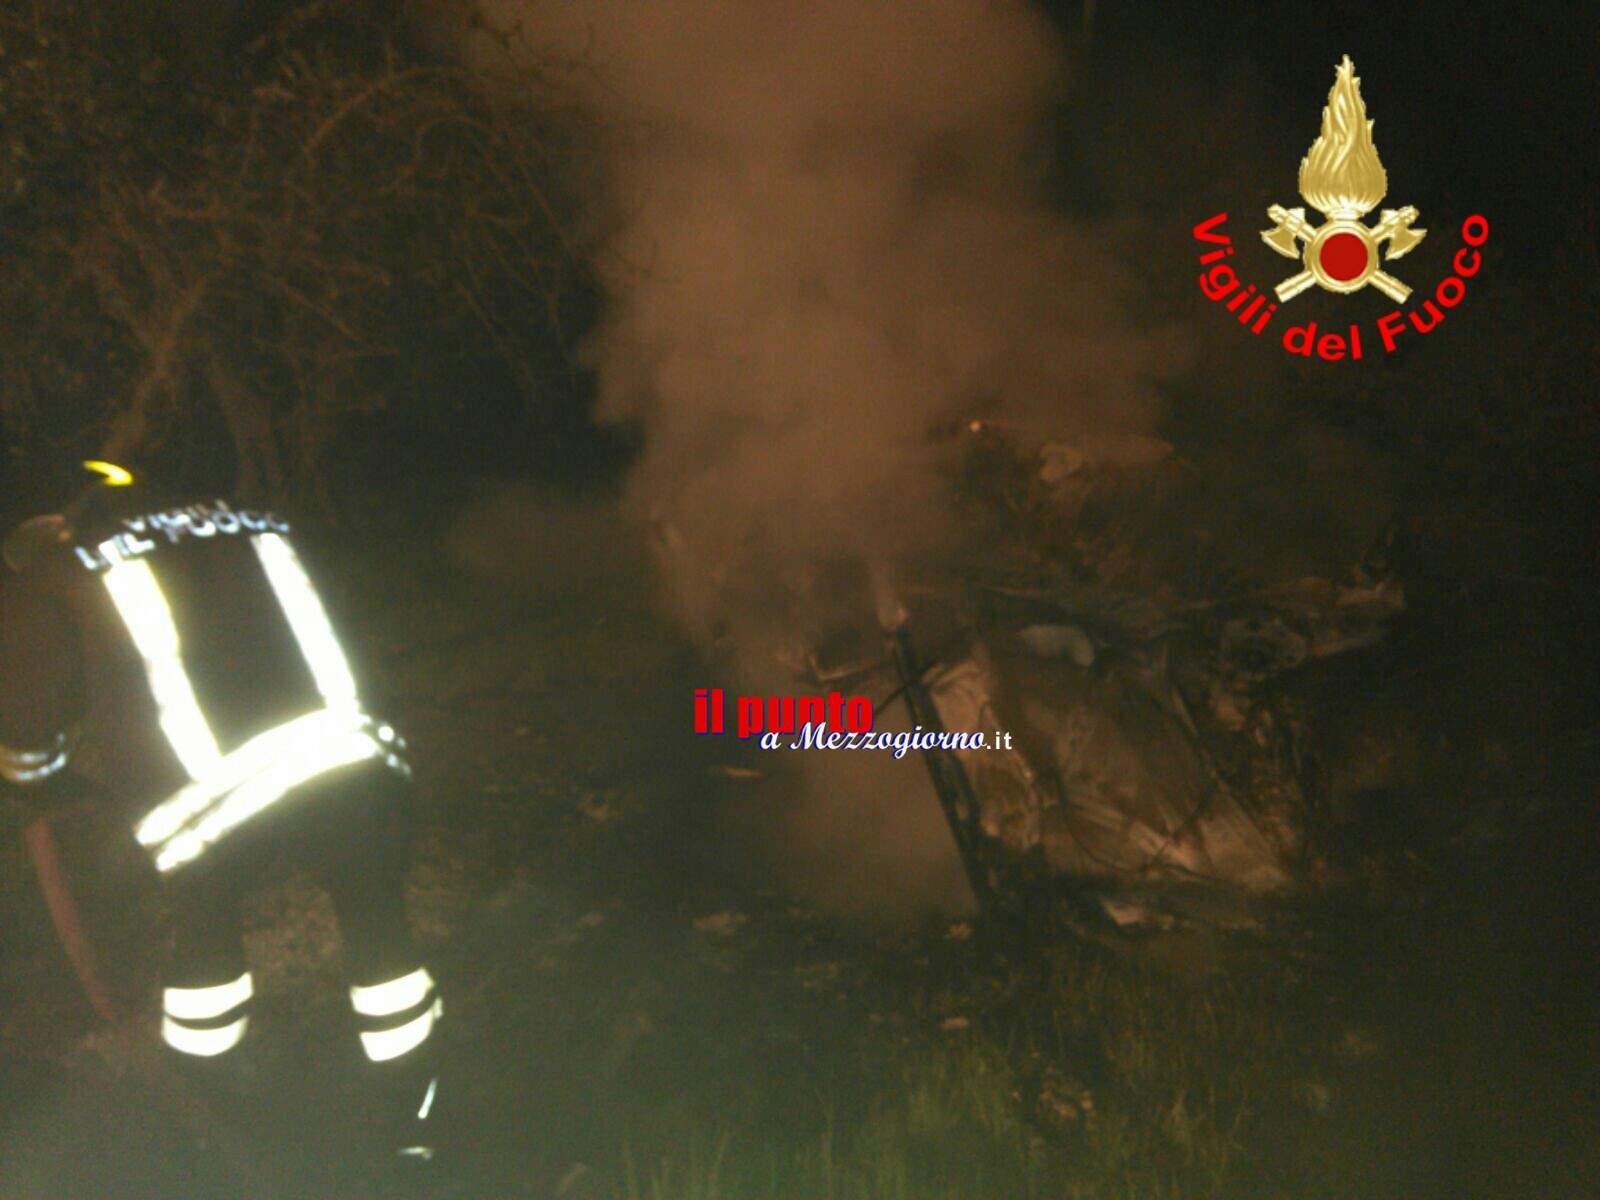 Salvato dalle fiamme, passanti lo tirano via dall'auto che prende fuoco